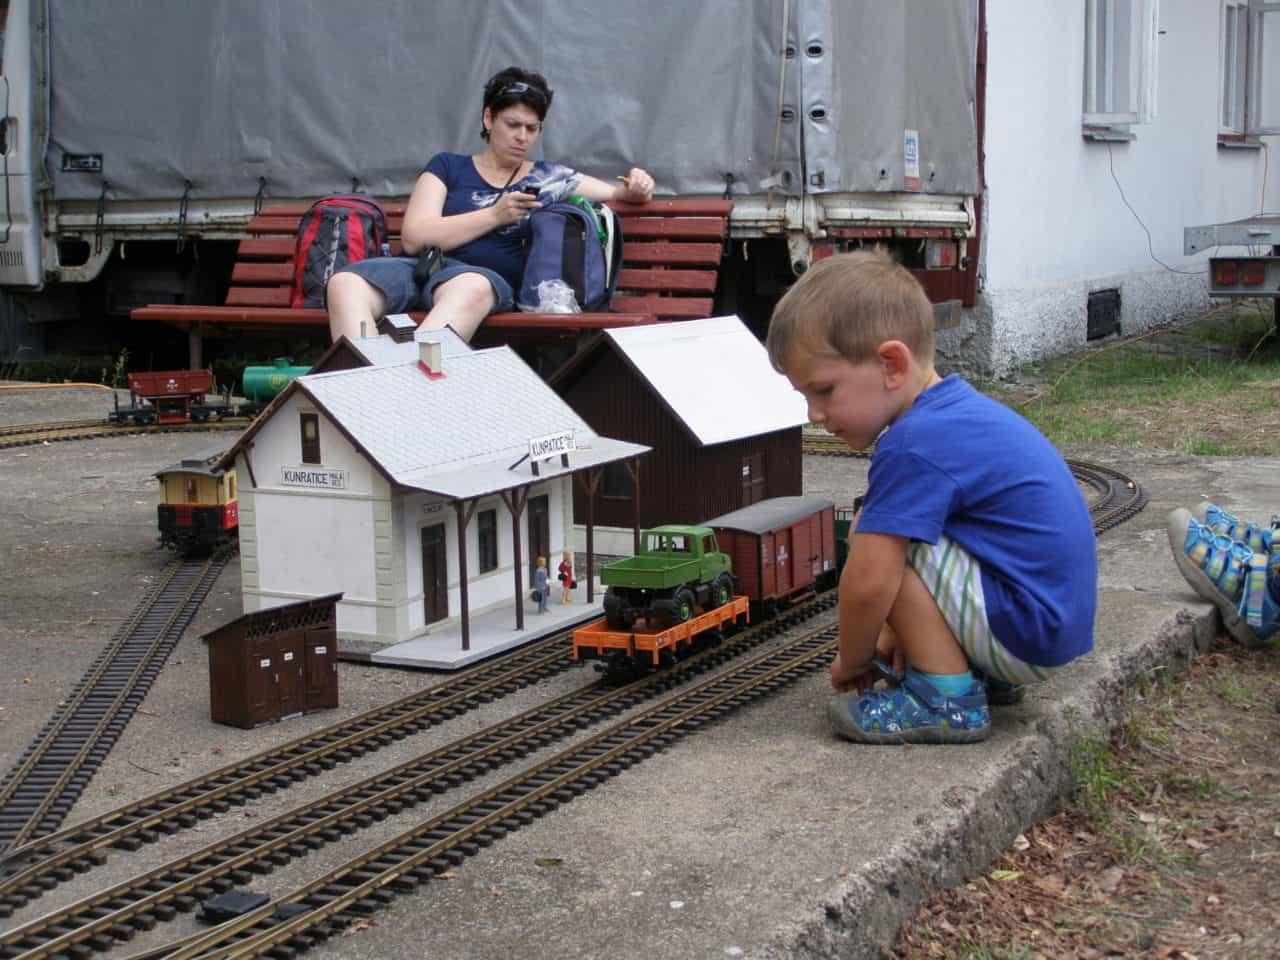 Setkání zahradních železnic muzeum Rosice u Pardubic 02